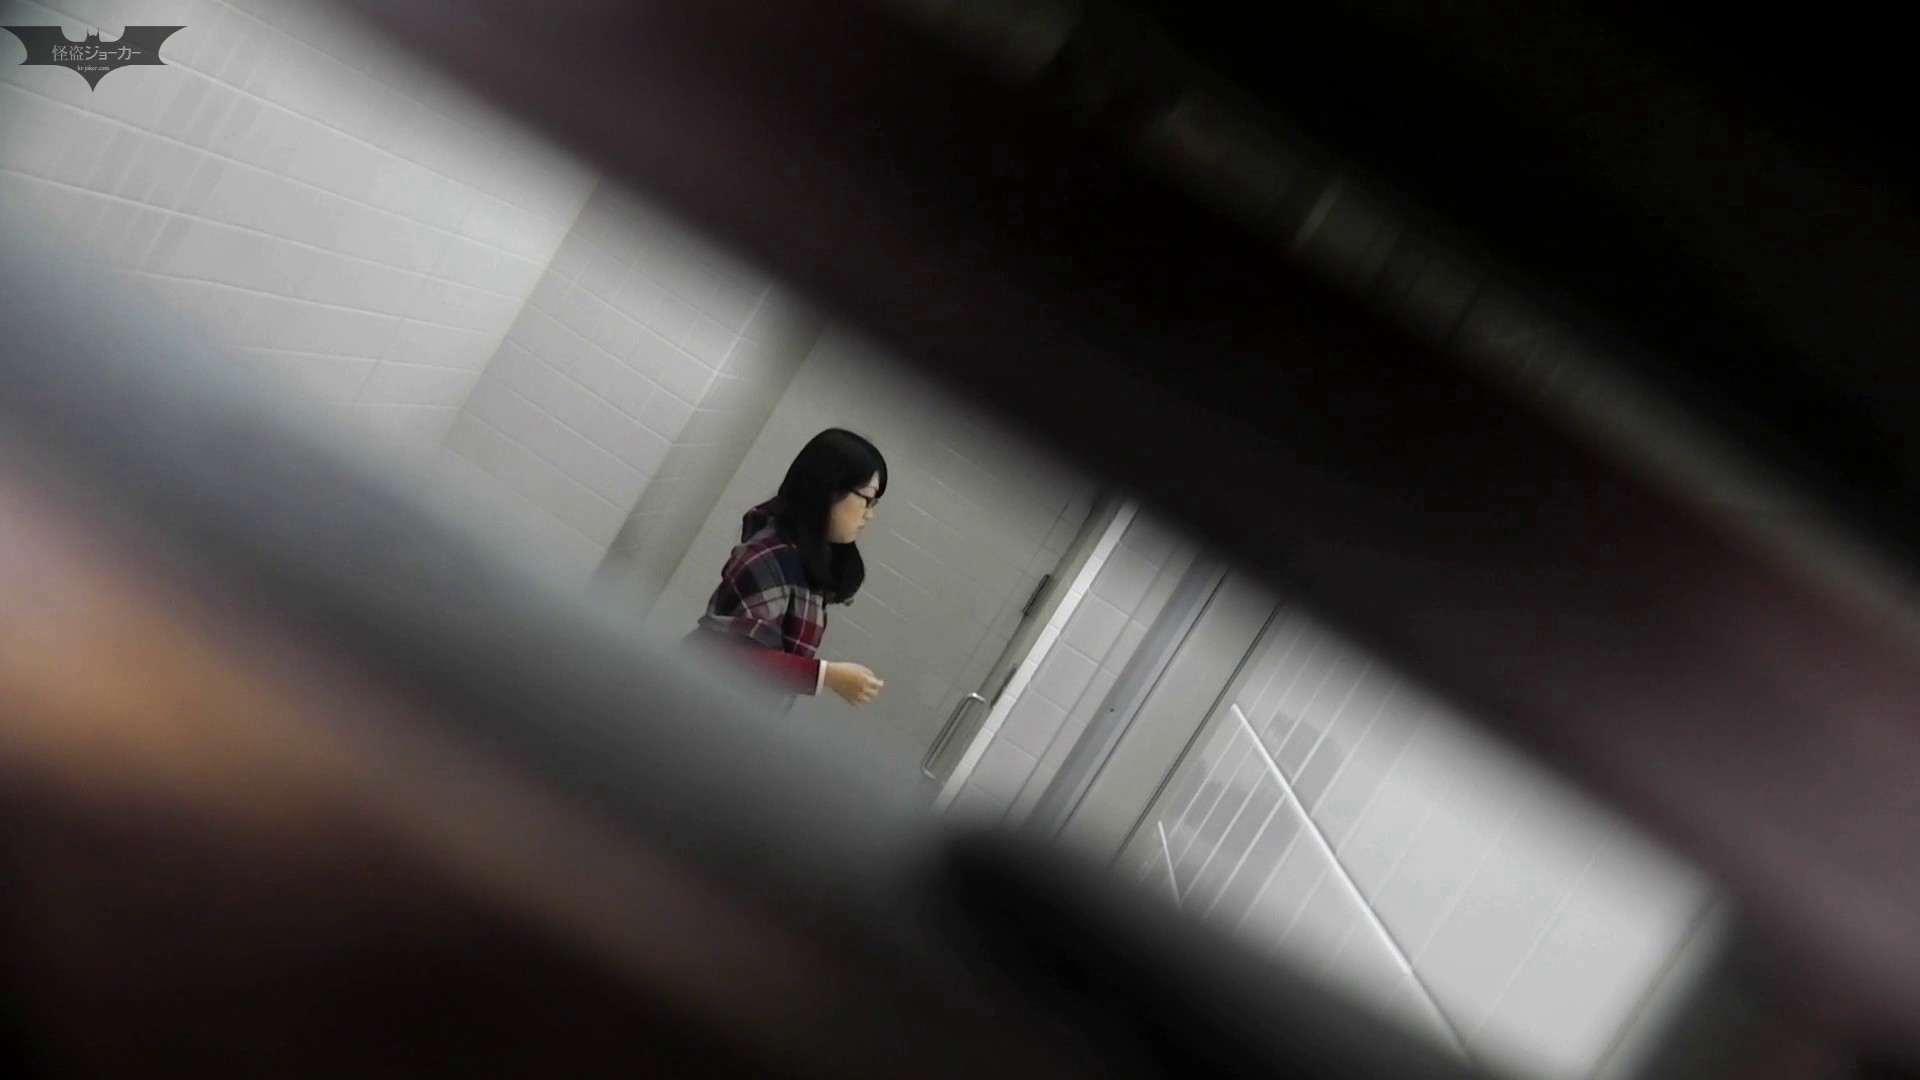 お銀さん vol.59 ピンチ!!「鏡の前で祈る女性」にばれる危機 お姉さん  98PIX 75